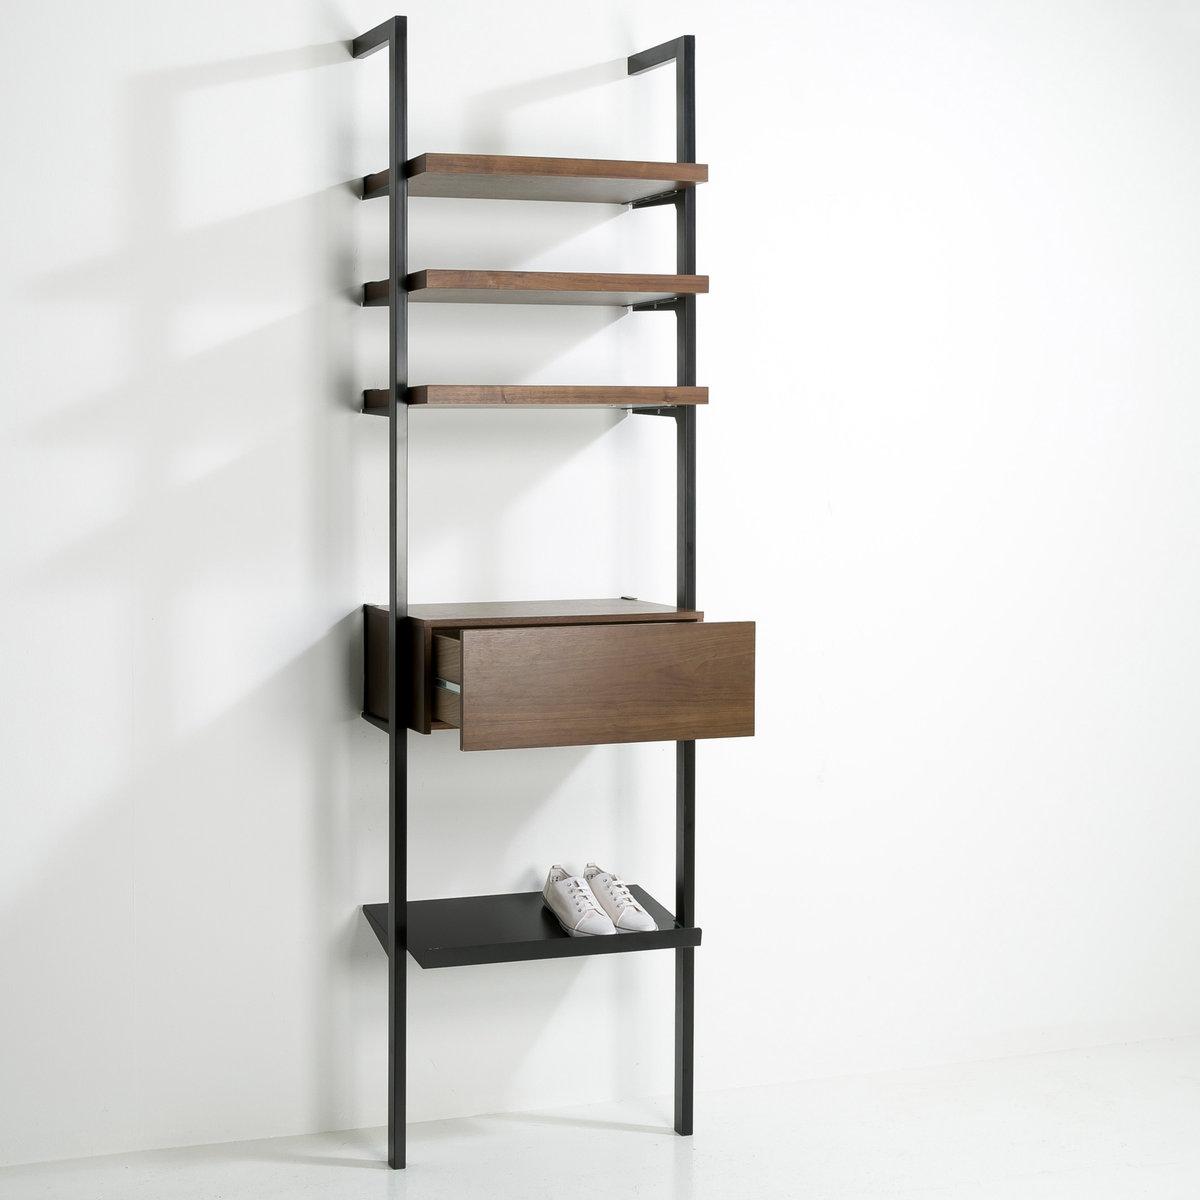 Полка для обуви, Kyriel (комплект из 2)Полка для обуви из металла с эпоксидным покрытием Kyriel, крепится на стену с помощью кронштейнов, входящих в комплект .Размеры : .60 x .33,5 см.Мебель для гардероба Kyriel - это эстетичная и практичная система, модулируемая при желании, созданная для любых пространств и стилей   .<br><br>Цвет: черный